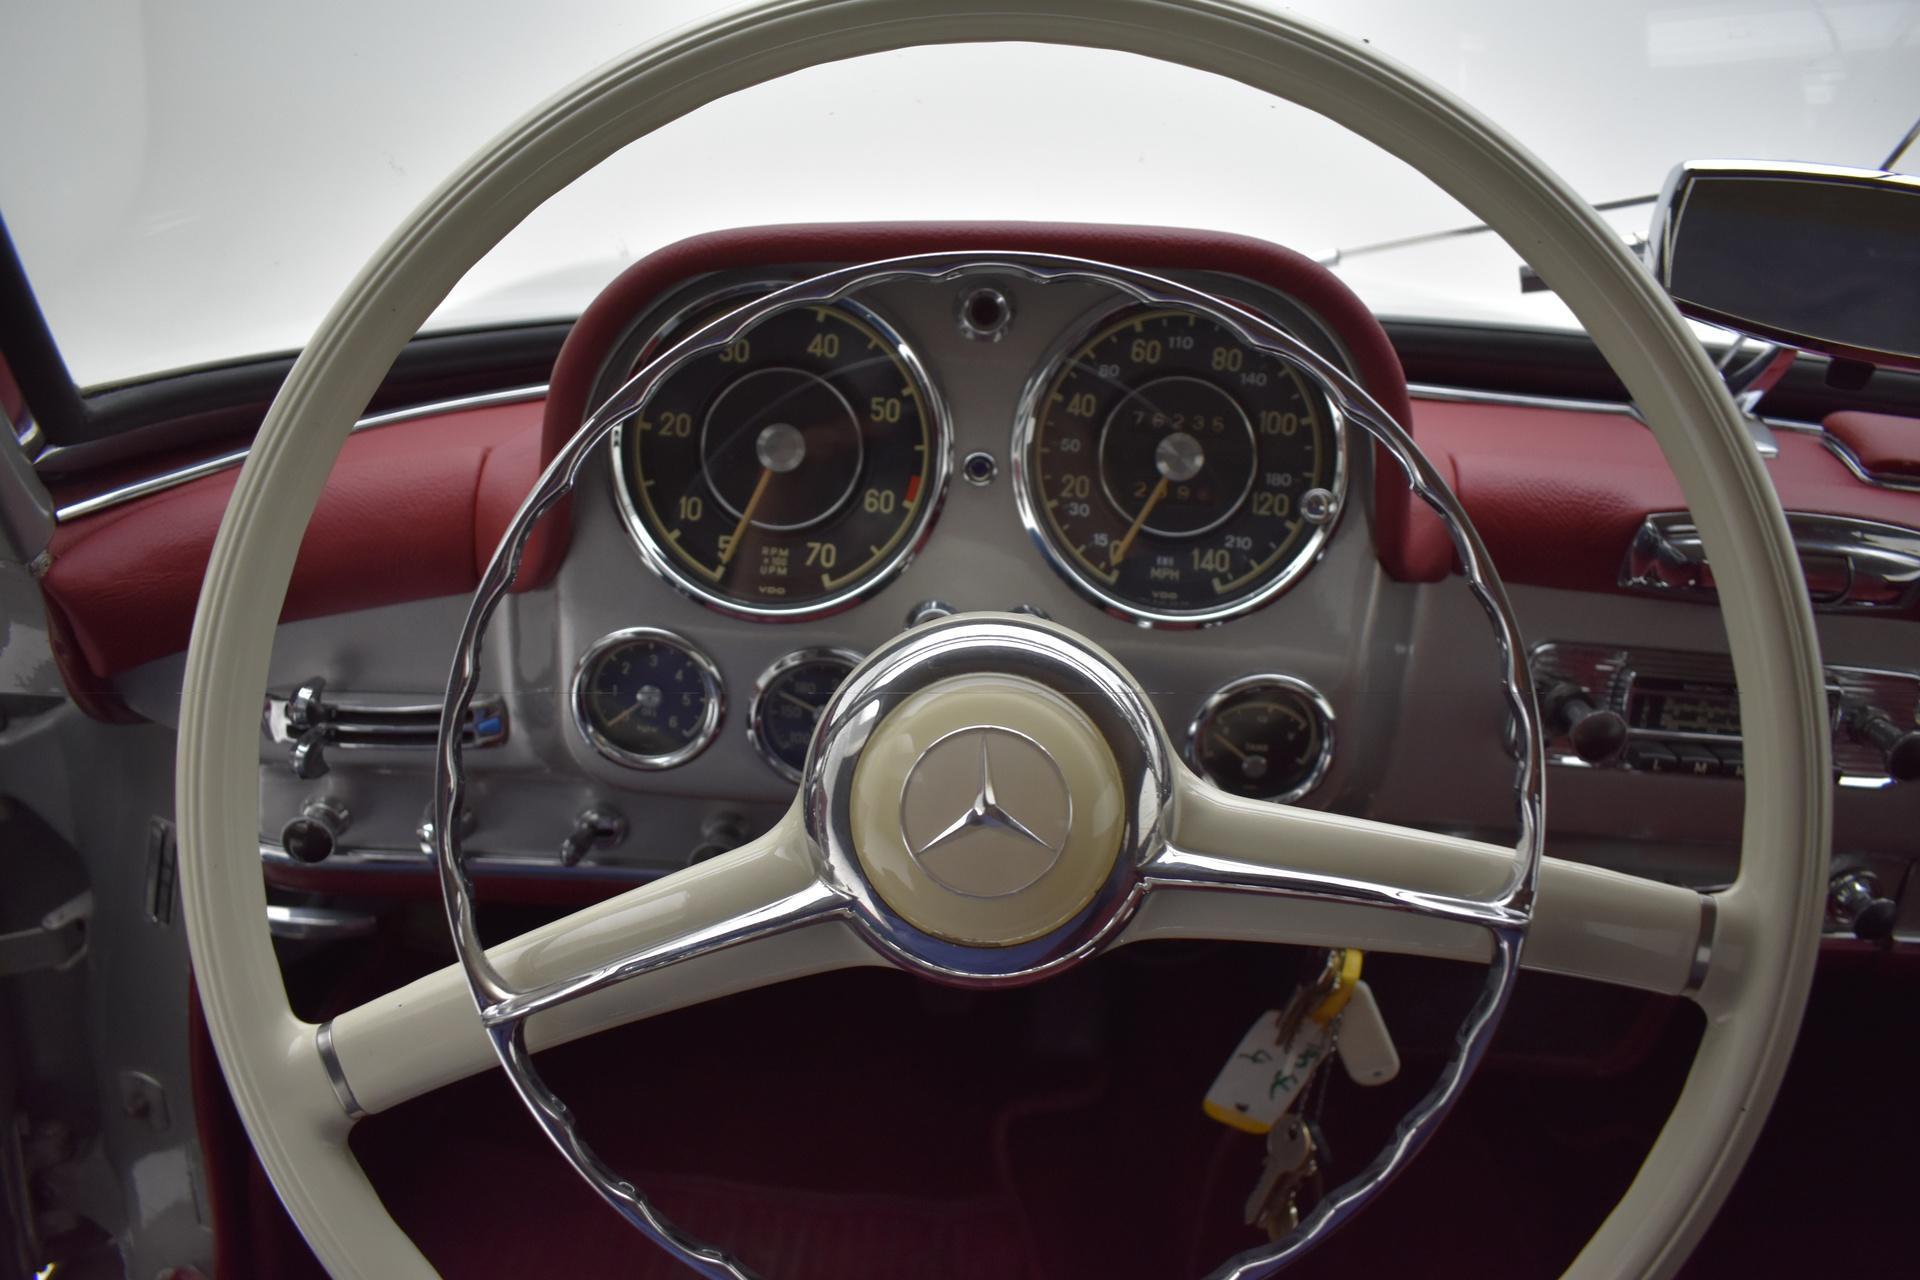 Mercedes-Benz 190 SL Roadster interior steering wheel